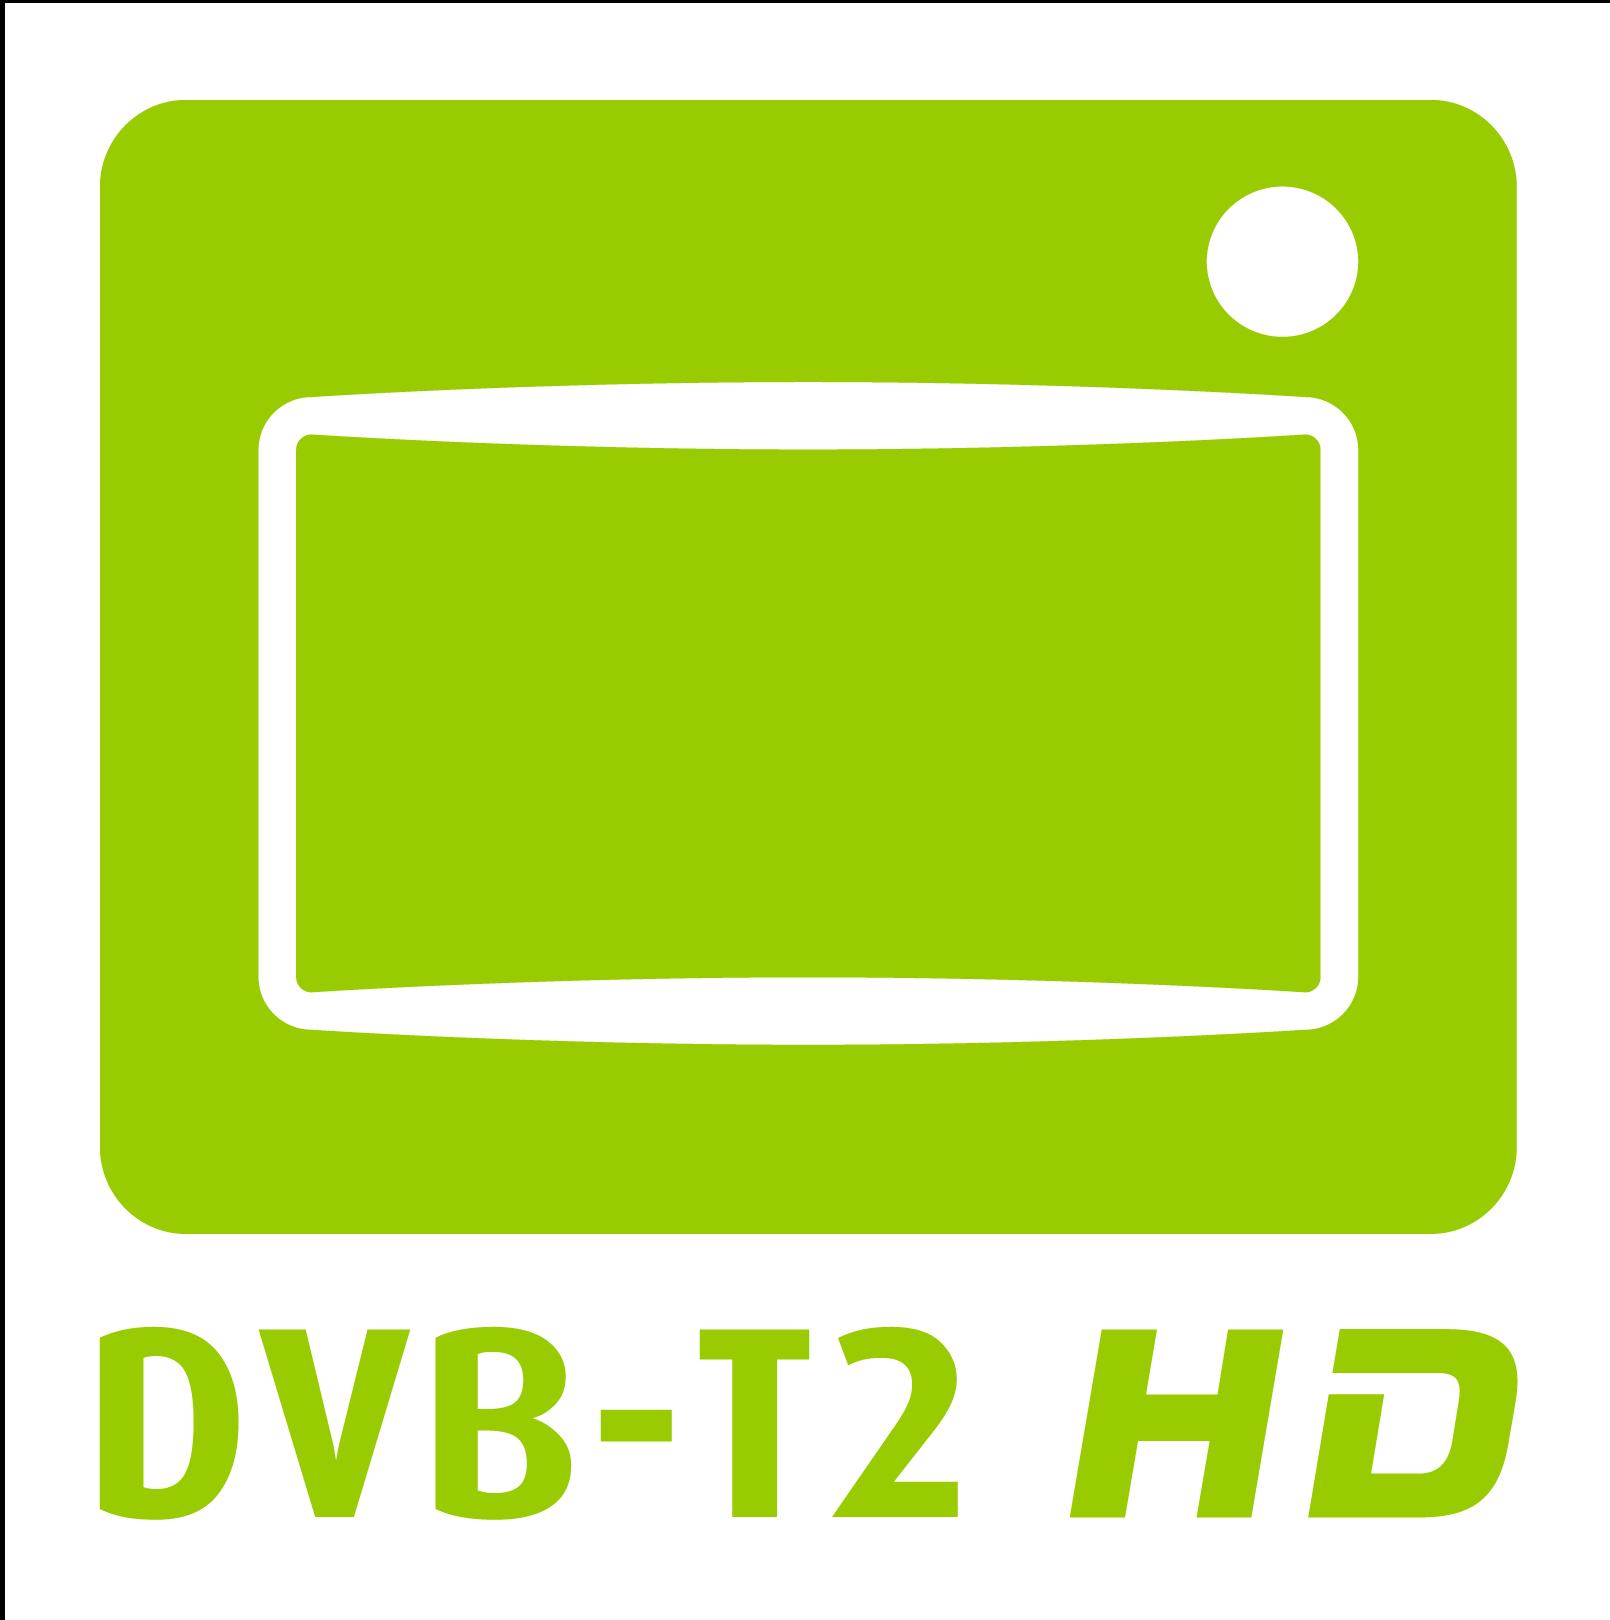 DVB-T2 HD - Logo